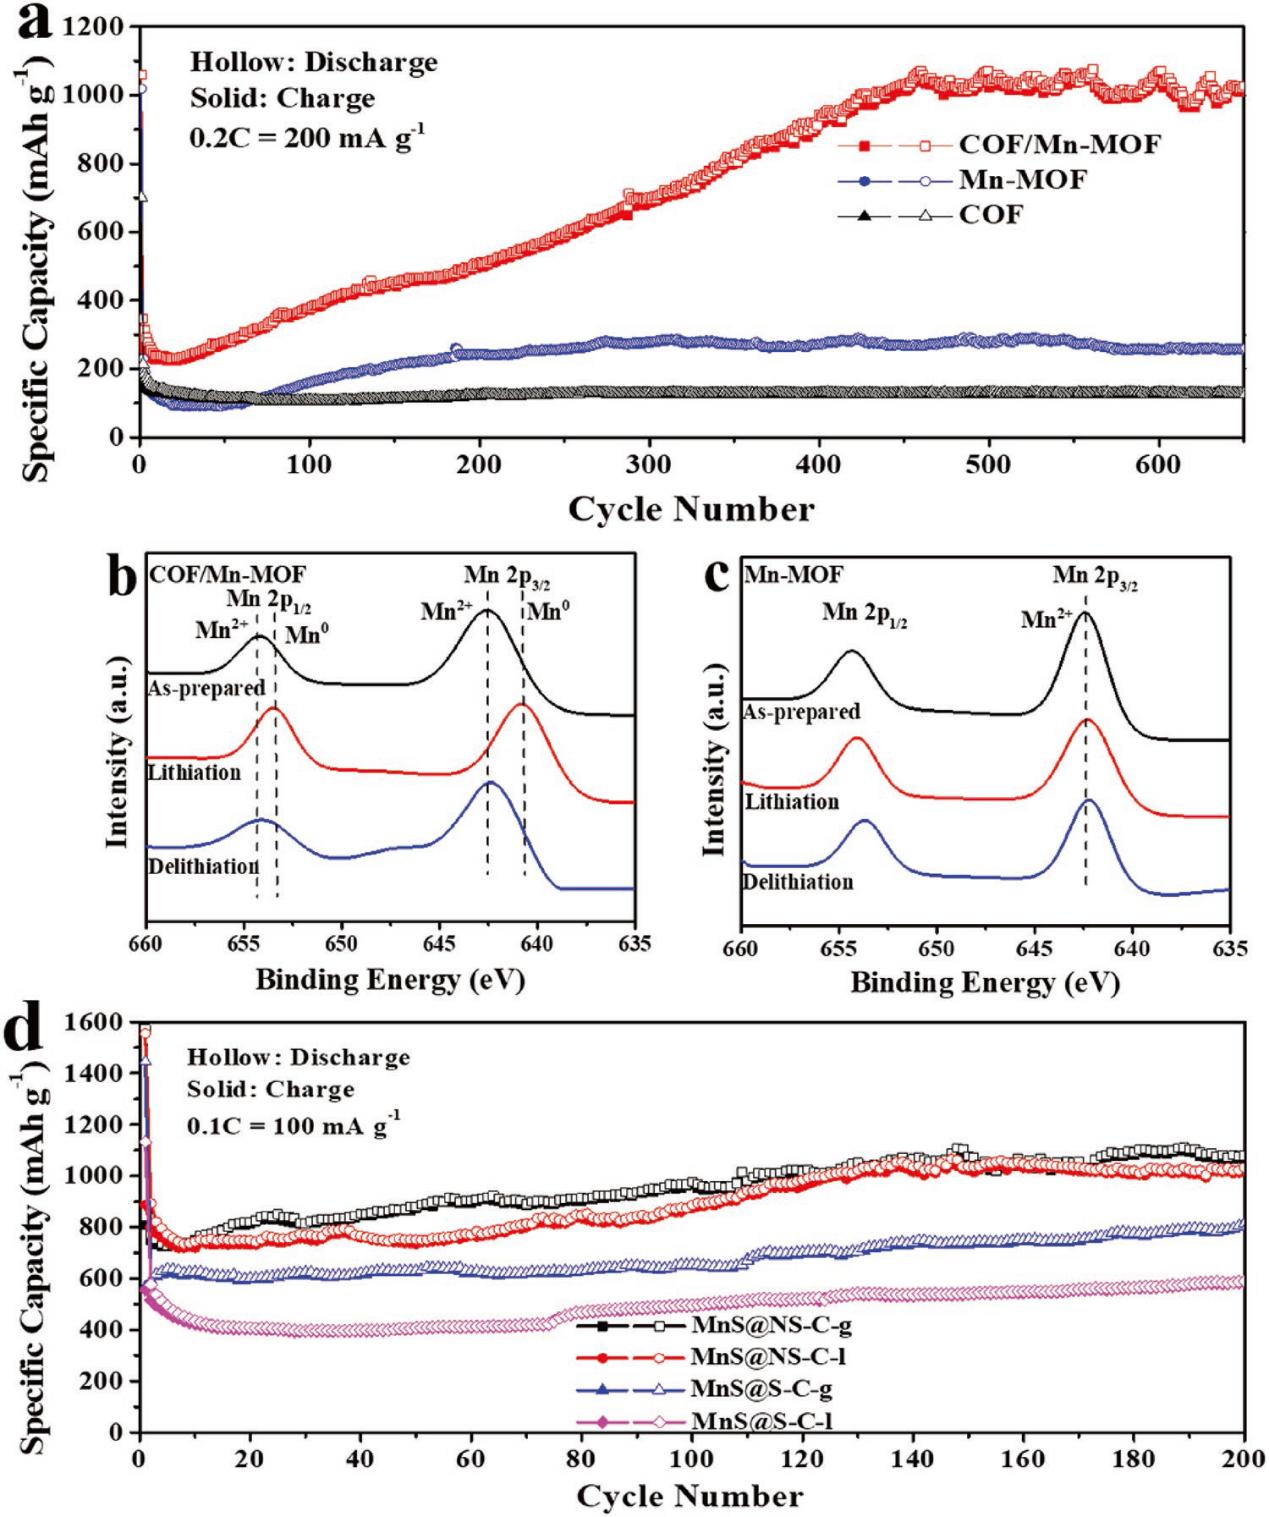 Adv. Mater: 配位诱导合成COF-MOF杂化异质结构增强锂电性能